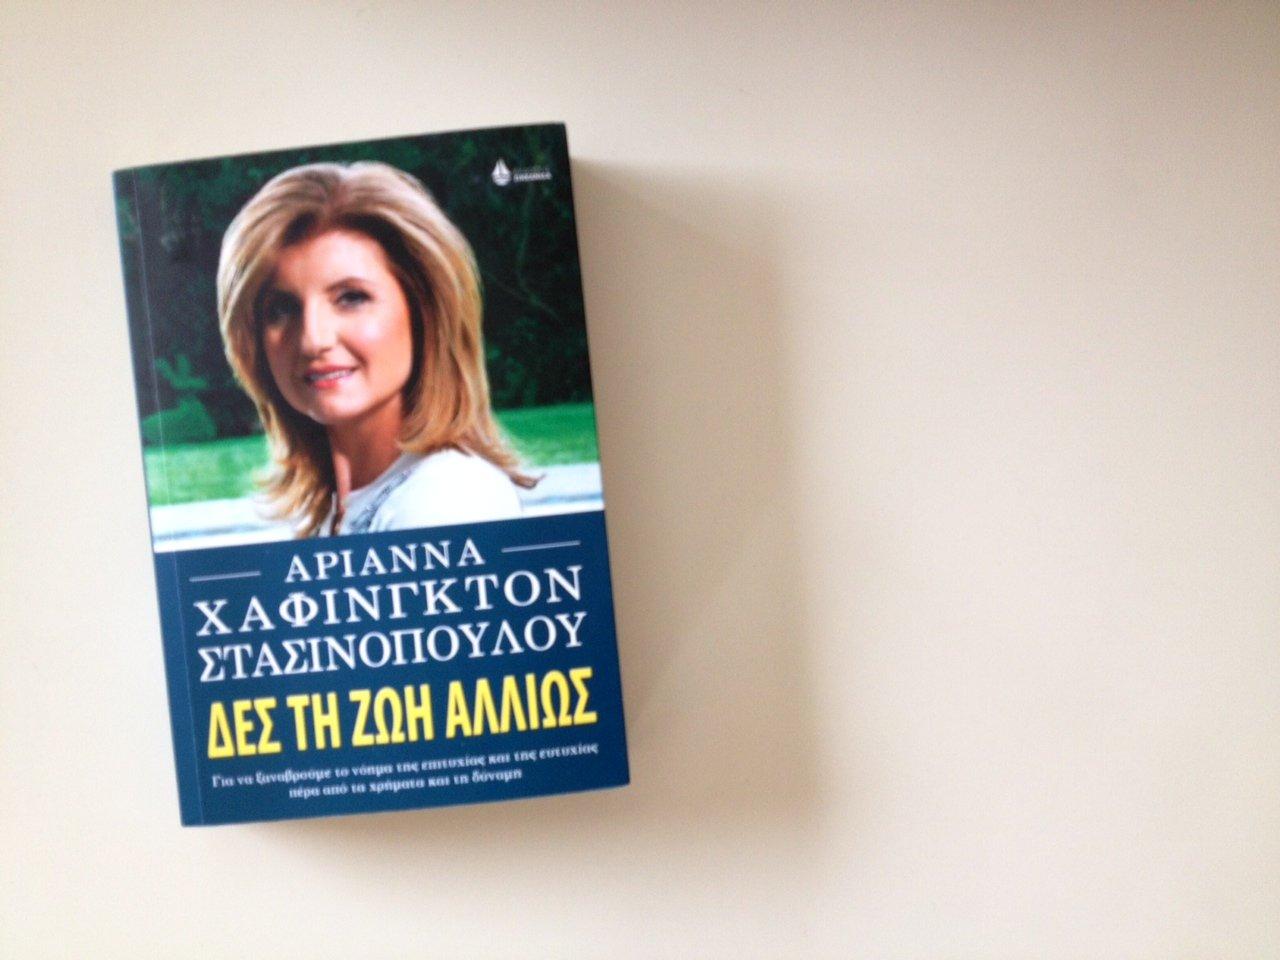 Είναι γραμμένο για την Ελλάδα το βιβλίο της Arianna Huffington;